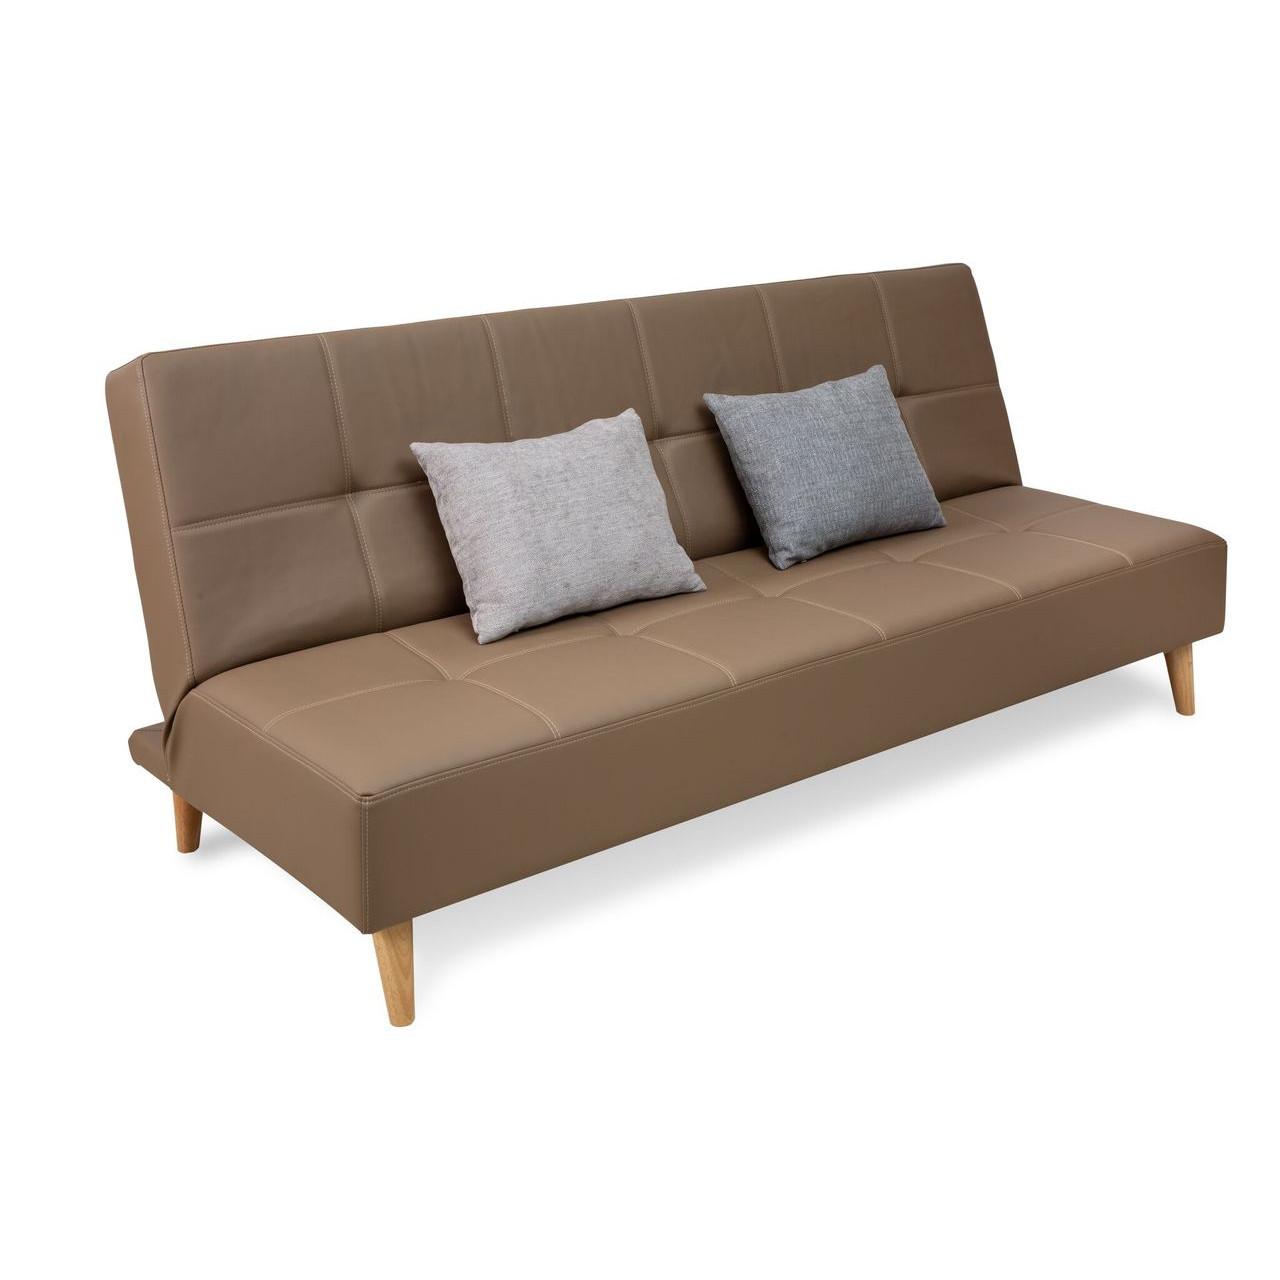 SOFA BED - SB-A215